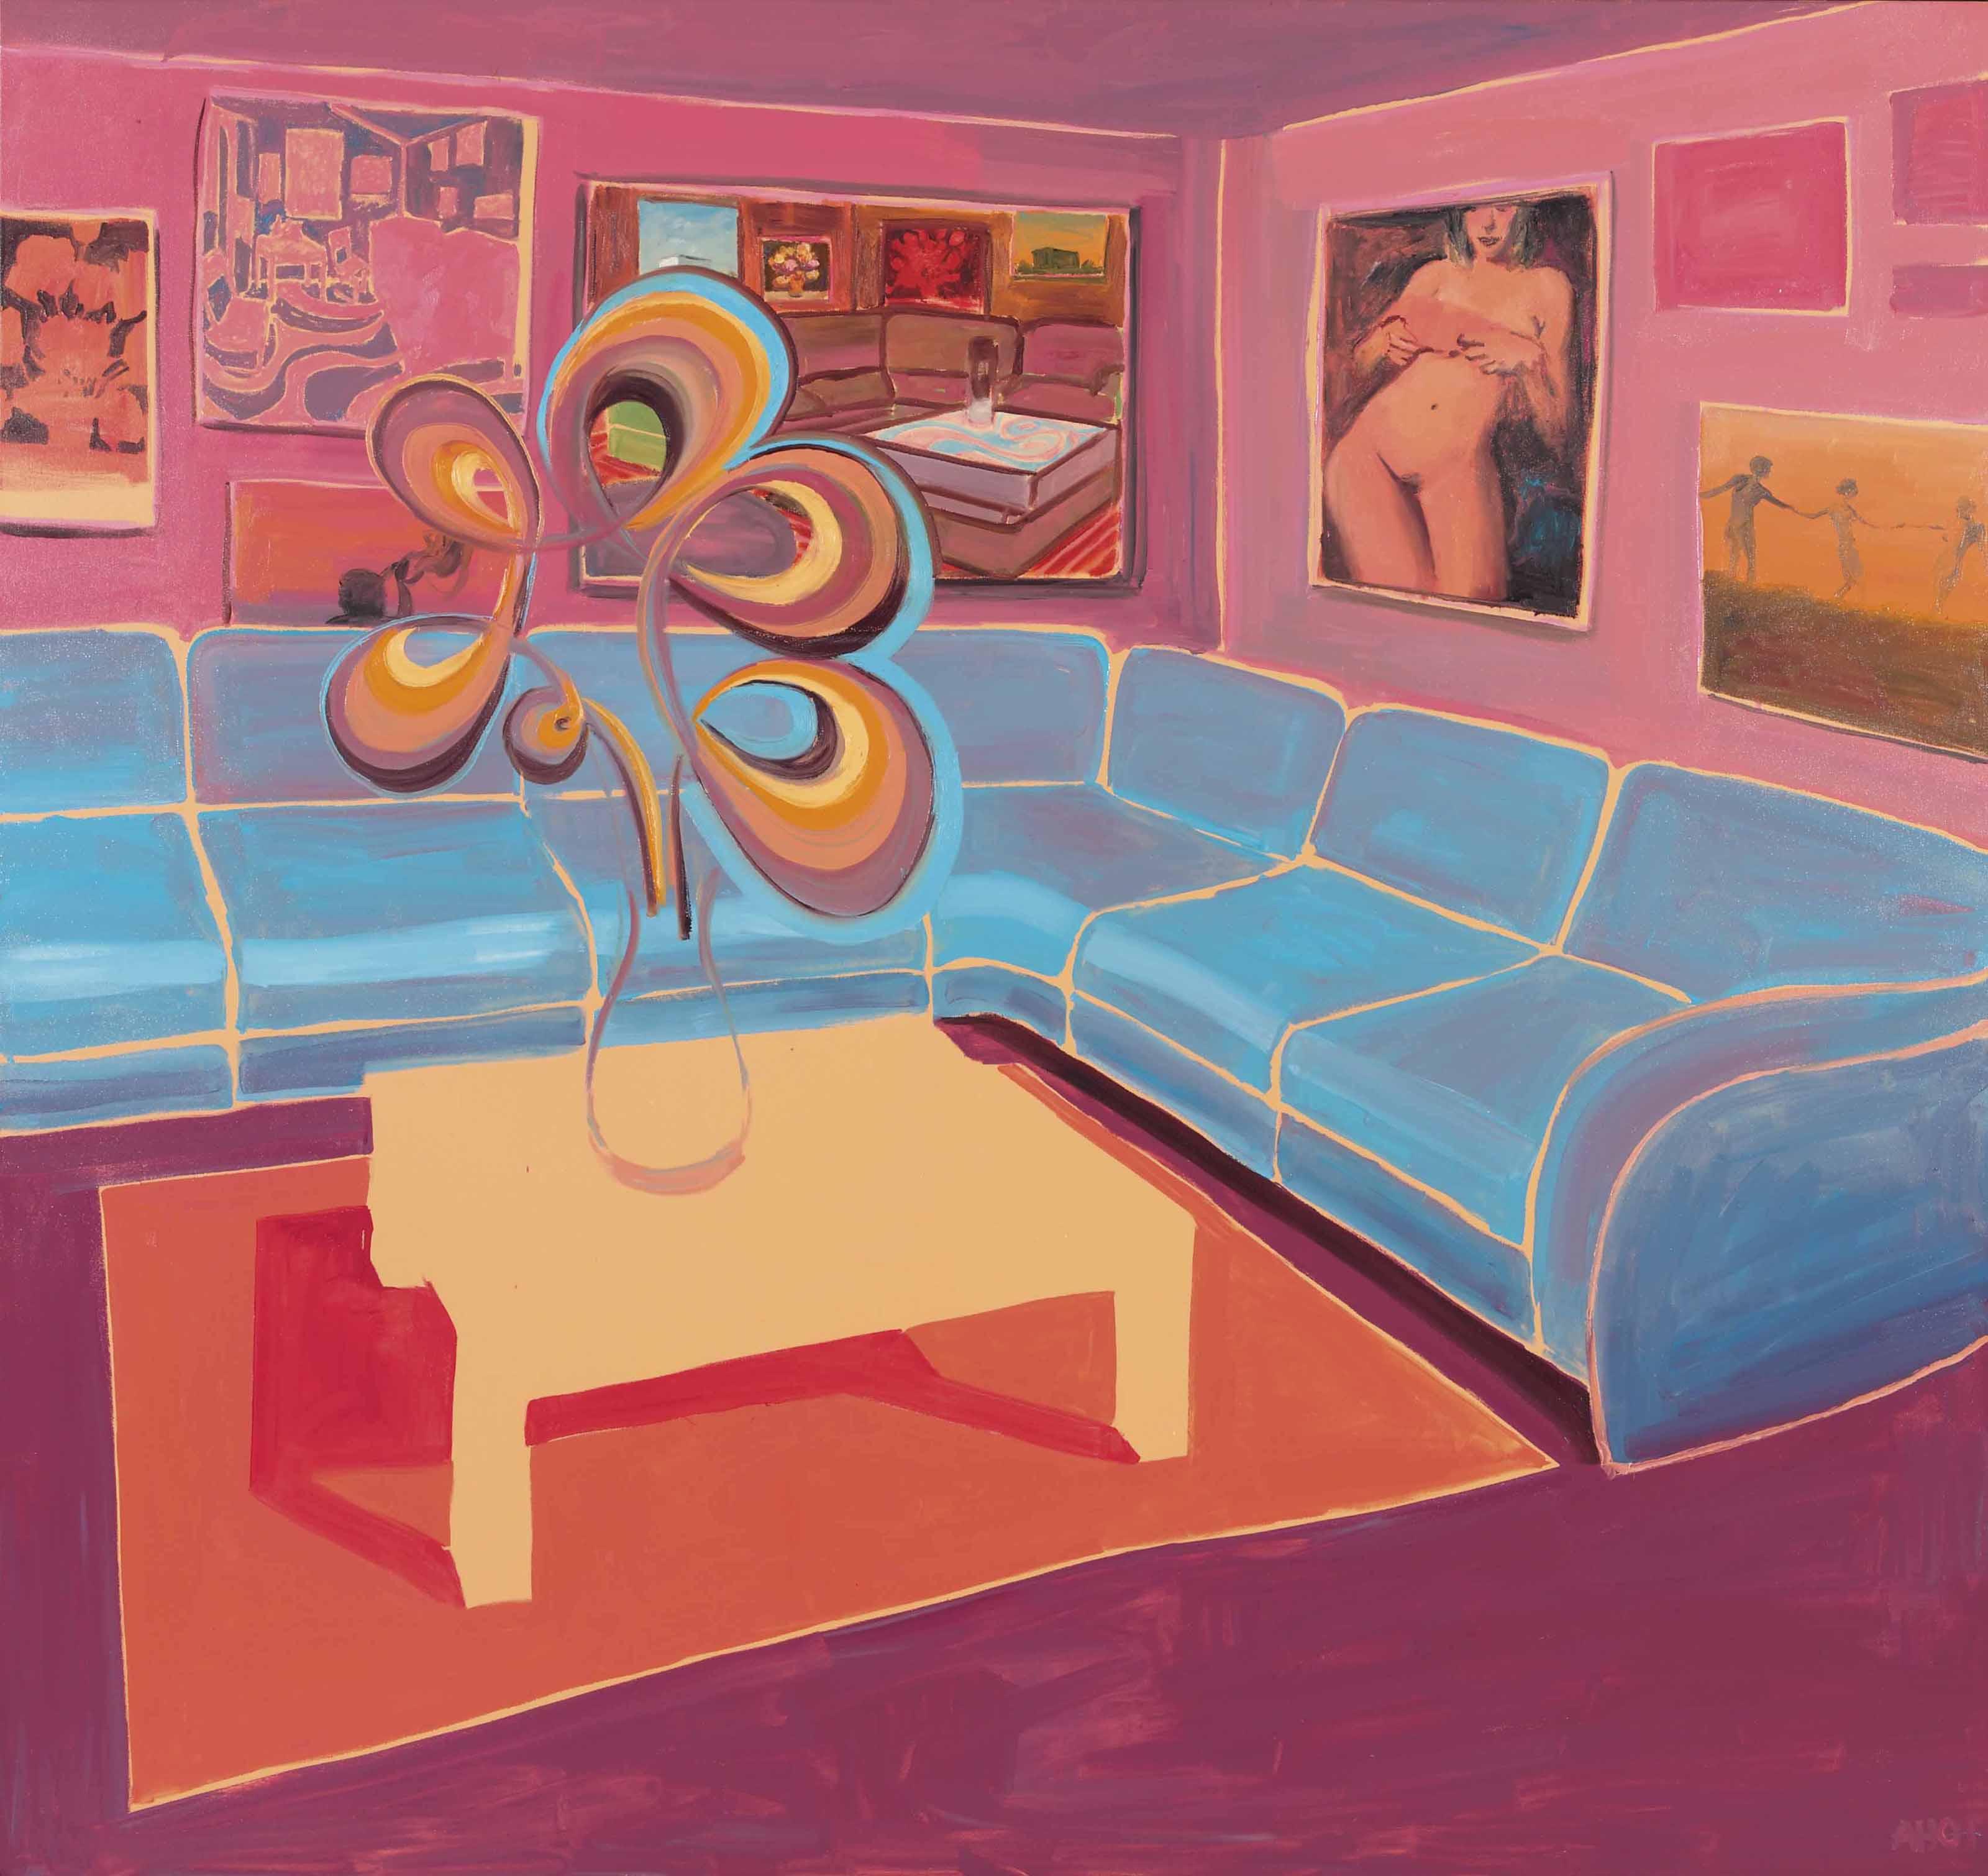 Interieur no. 92 (Interior no. 92)